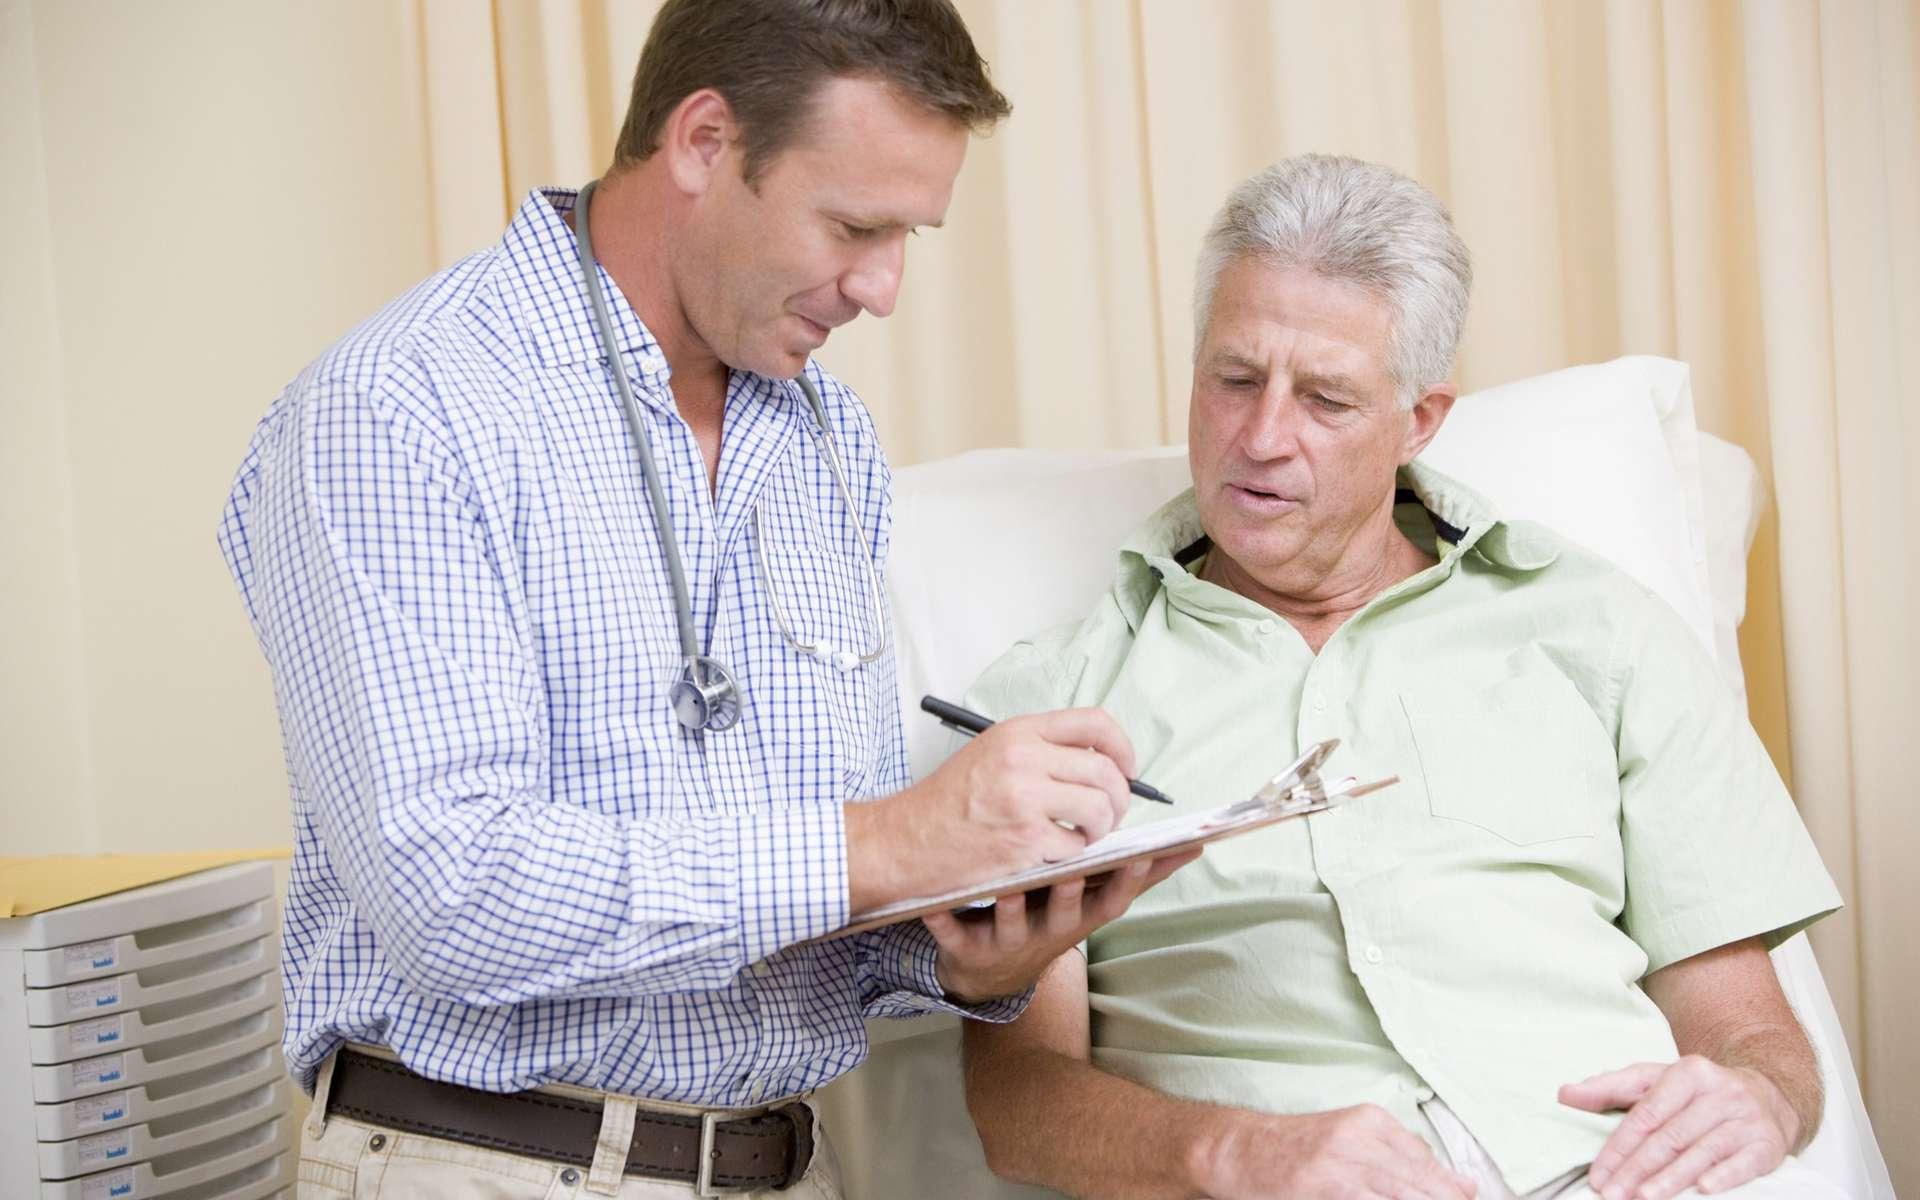 Les statines sont un traitement de référence contre l'hypercholestérolémie. © Phovoir